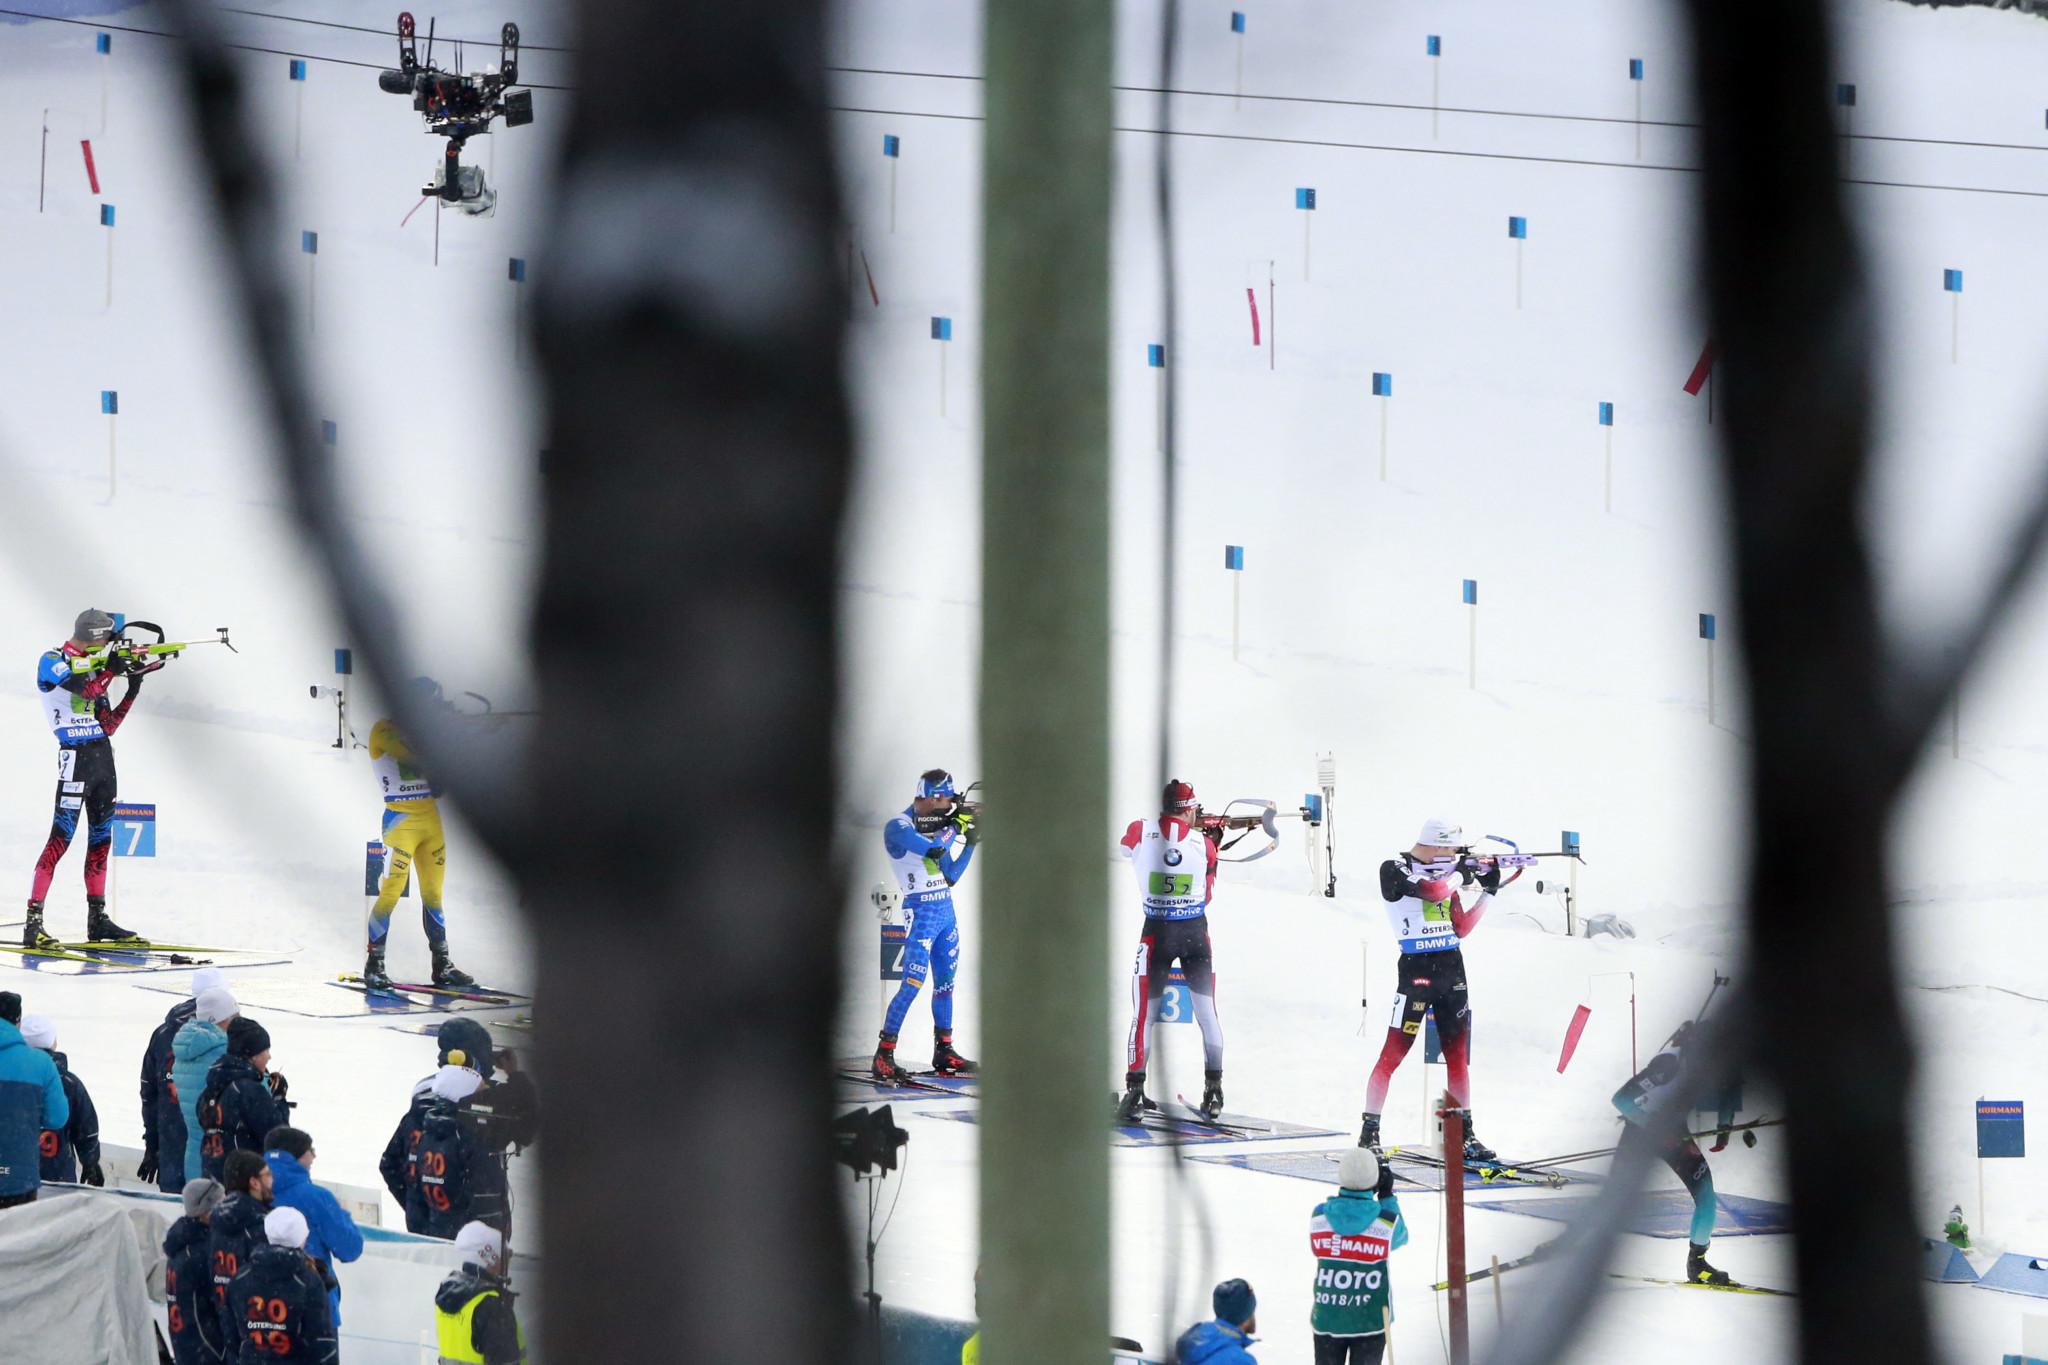 L'IBU espère faire entrer le biathlon dans une nouvelle ère avec une nouvelle constitution et un nouveau plan stratégique © Getty Images